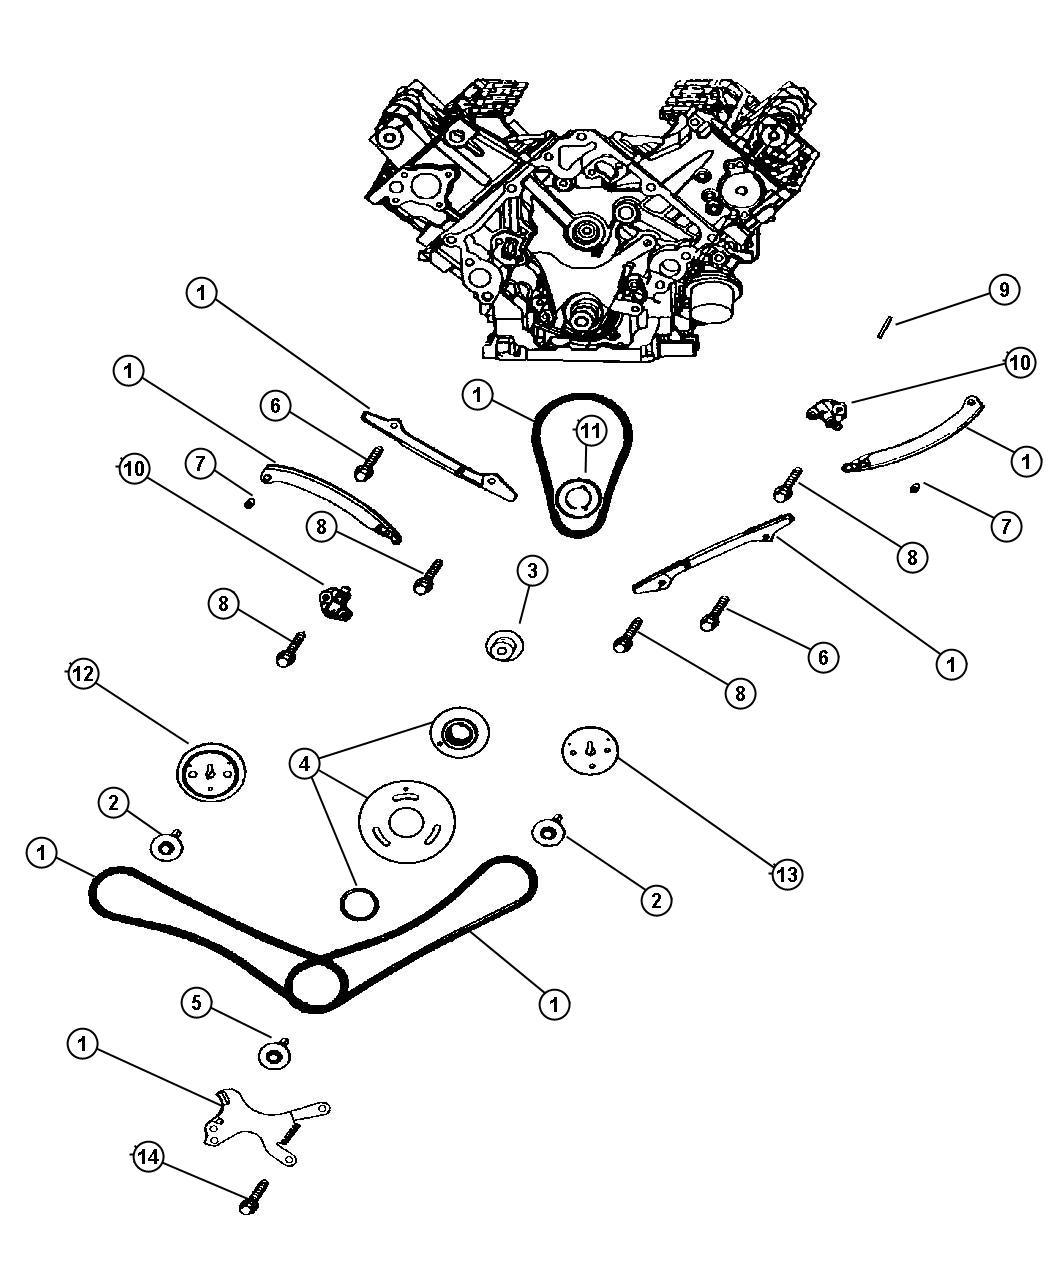 2003 Dodge Dakota Timing Chain And Guides, 4.7L [EVA]